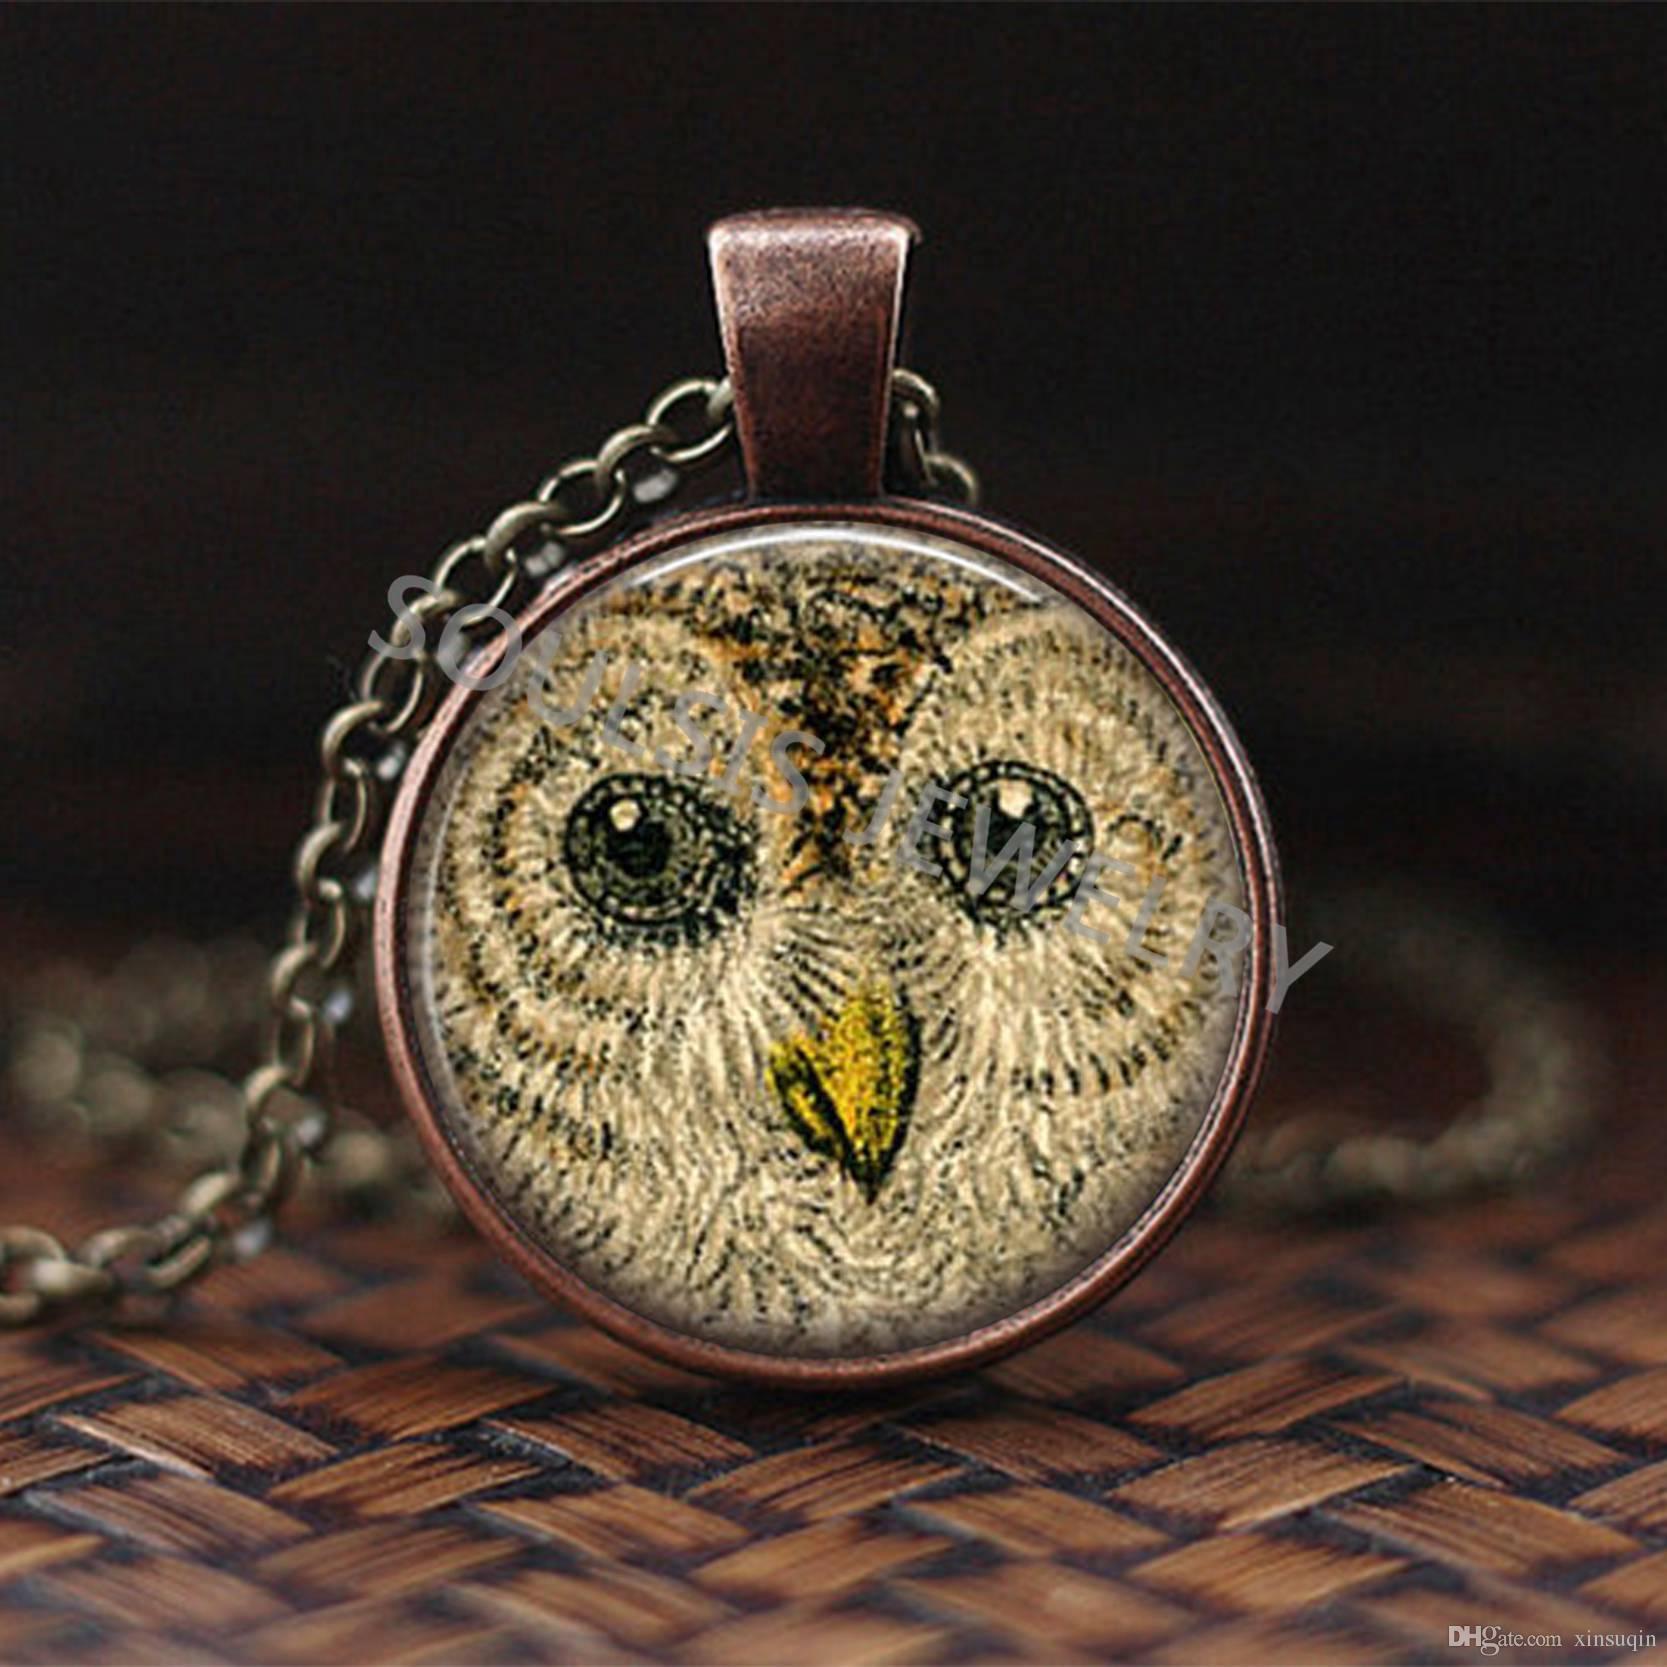 Collar colgante de bronce style6 del arte del árbol de cristal cabujón, collar pendiente de la vendimia de Boho de la joyería más nueva Forma Creativa